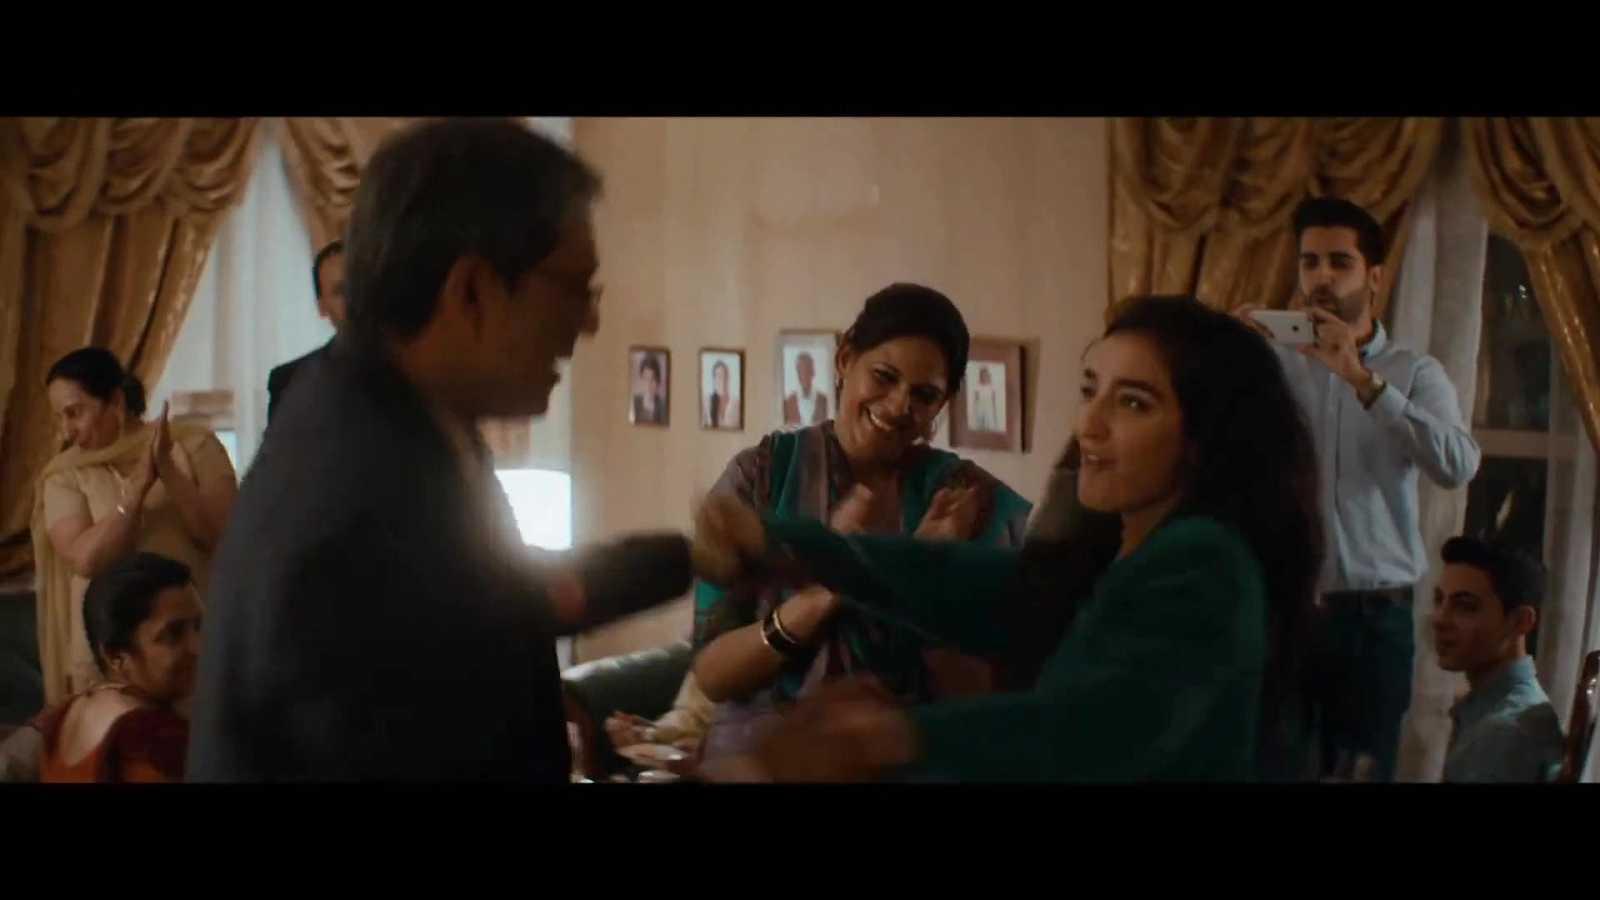 El cine de La 2 - El viaje de Nisha (presentación) - ver ahora